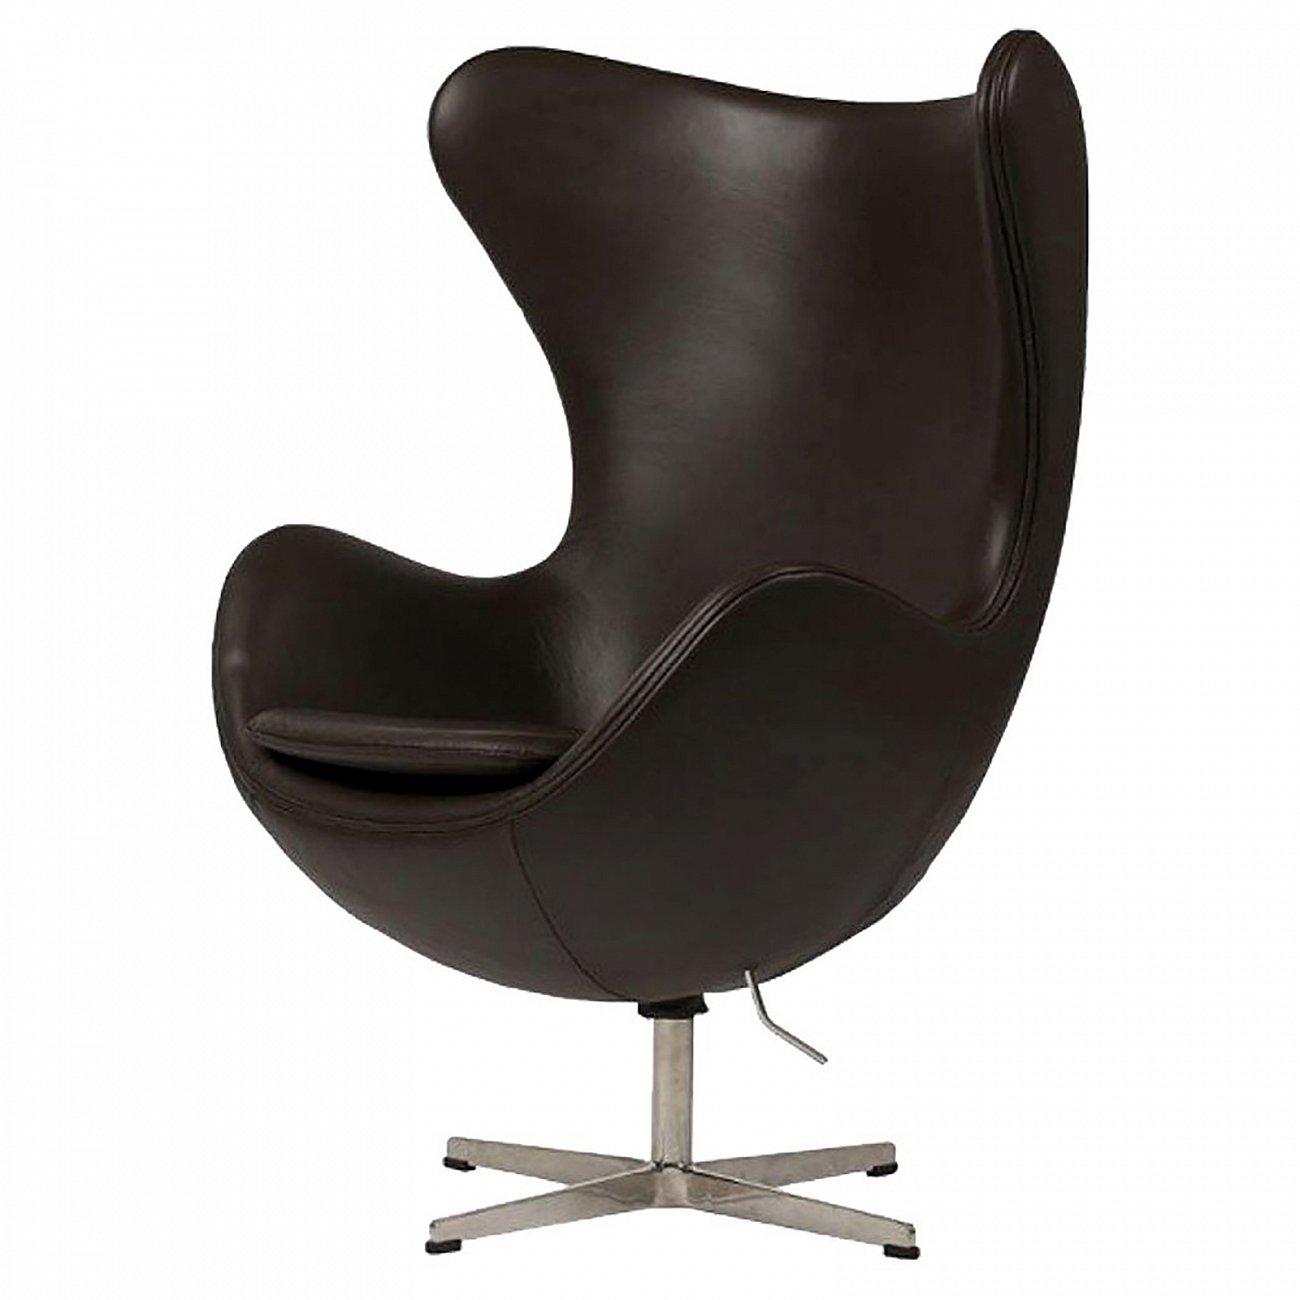 Купить Кресло Egg Chair Тёмно-коричневое Кожа Класса Премиум в интернет магазине дизайнерской мебели и аксессуаров для дома и дачи